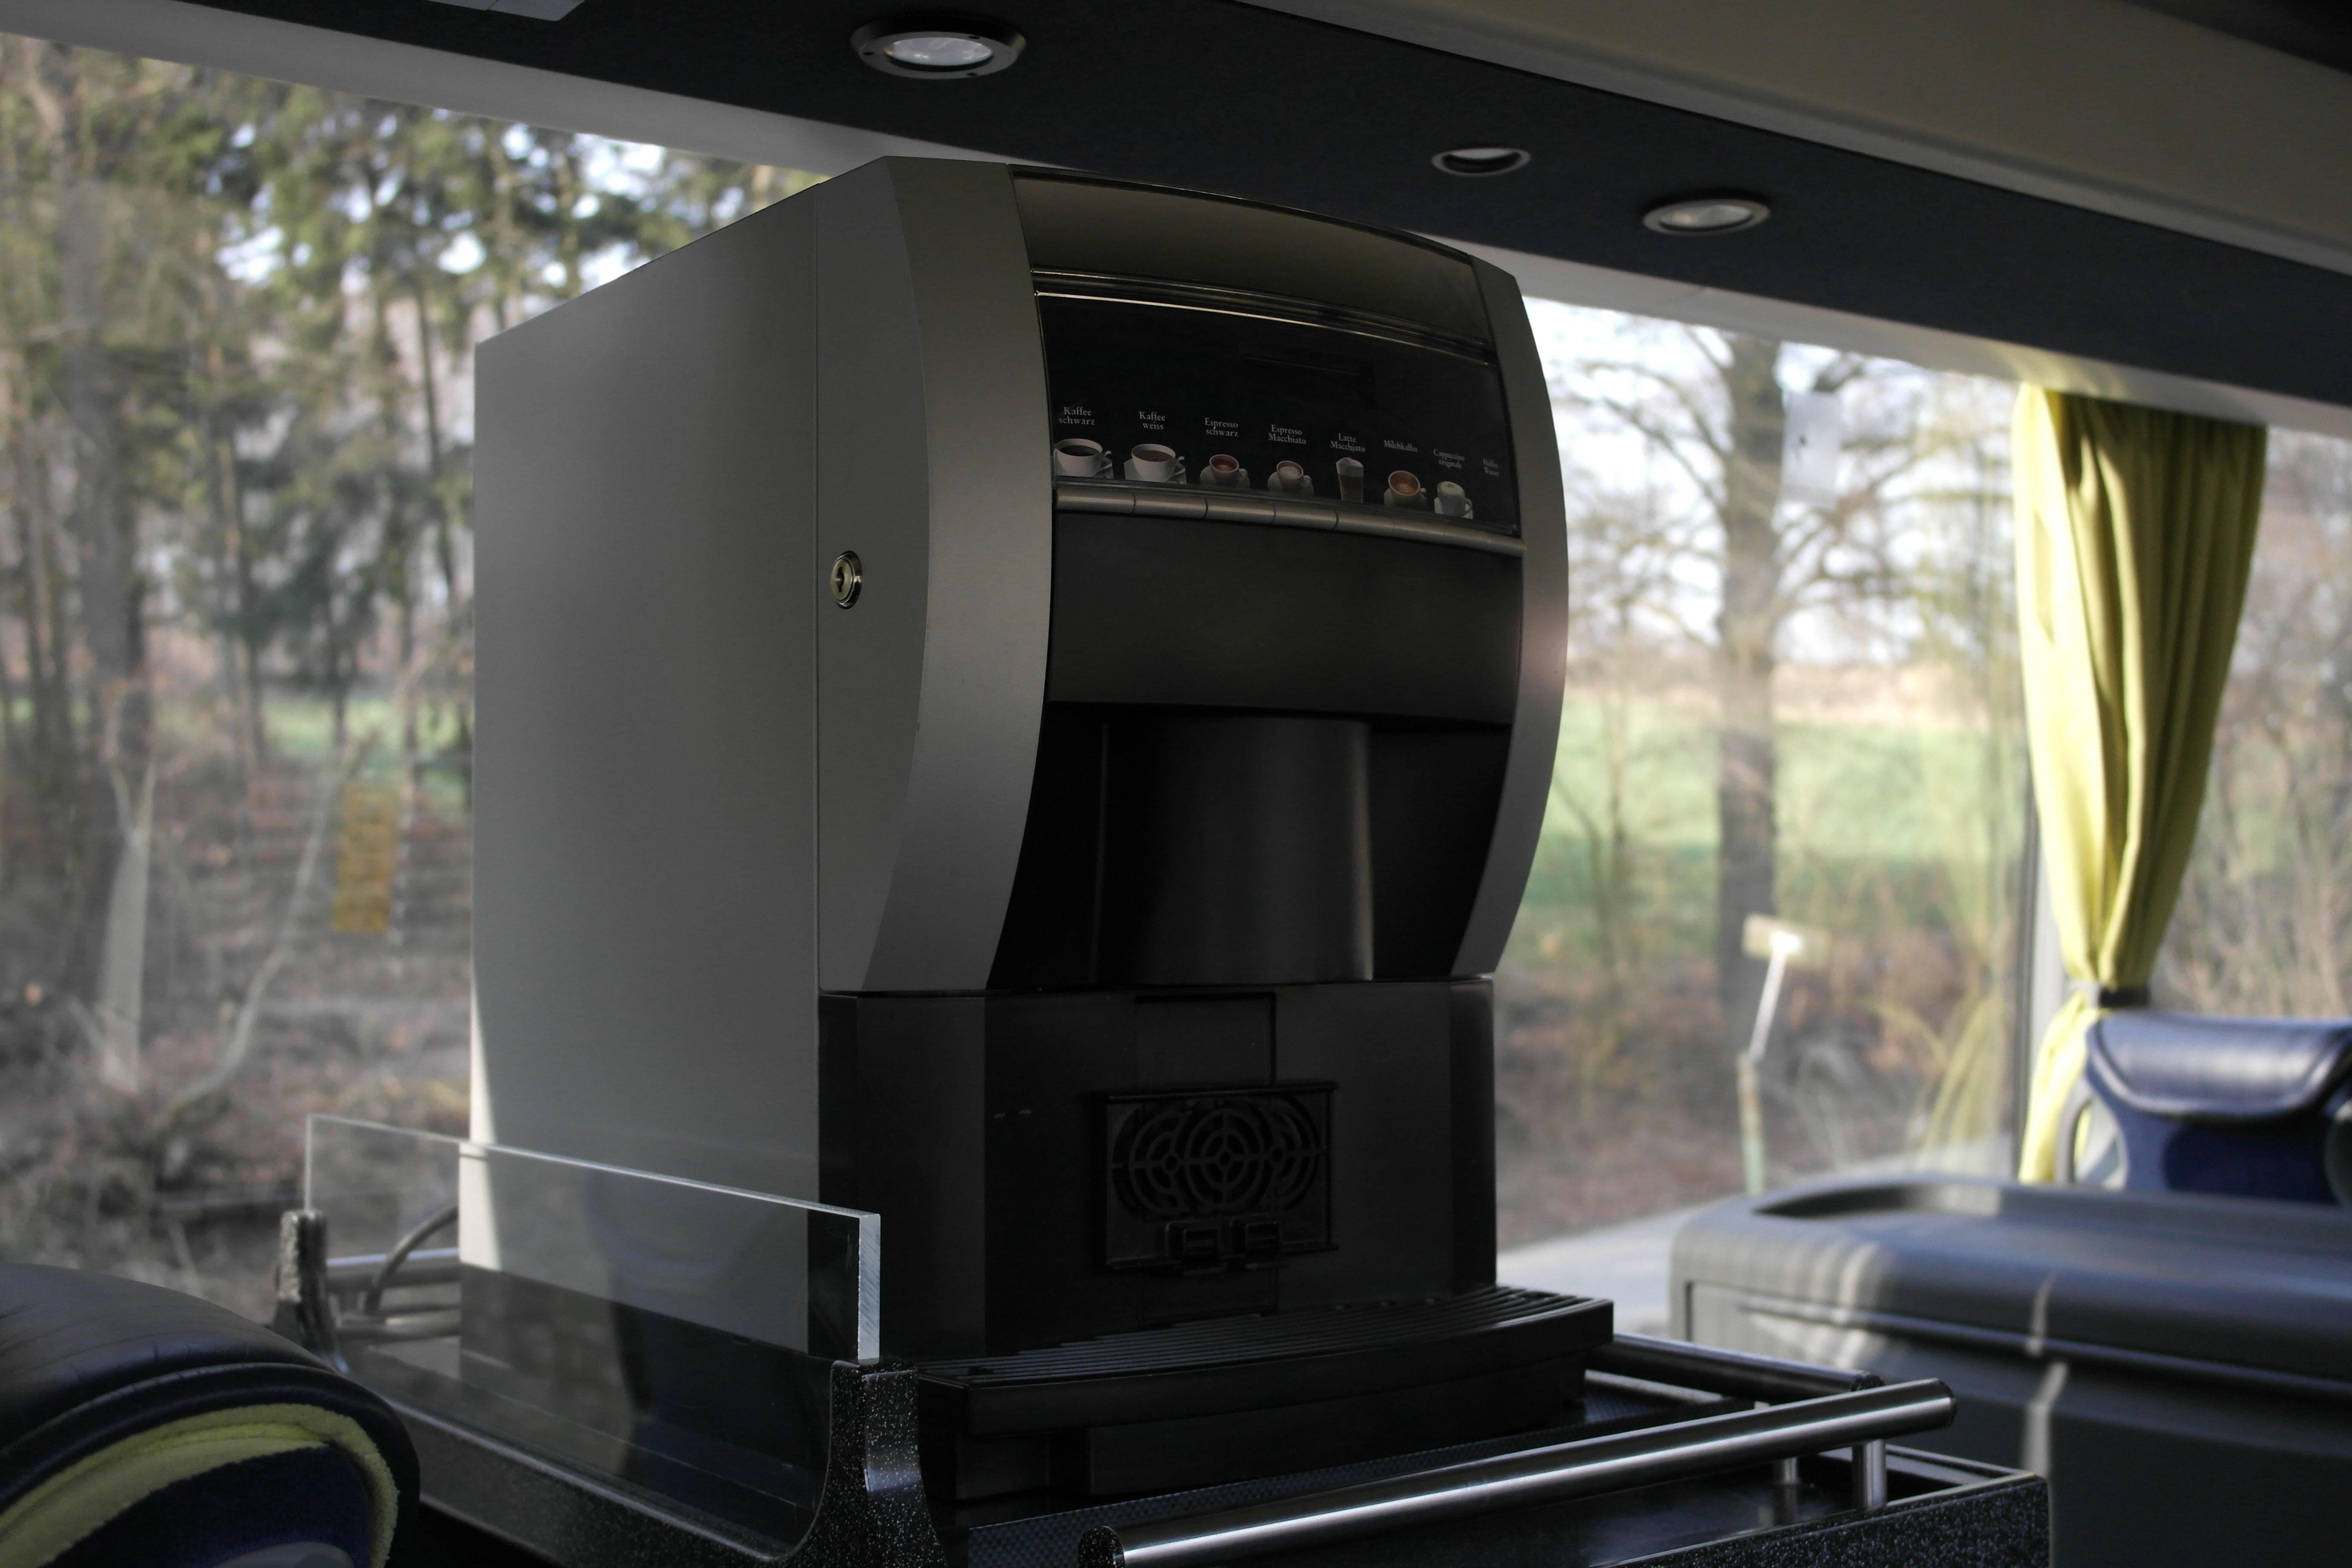 Kaffeevollautomat im Mercedes-Benz Travego - Individuelle Busreisen mit der EWG Busreisen GmbH